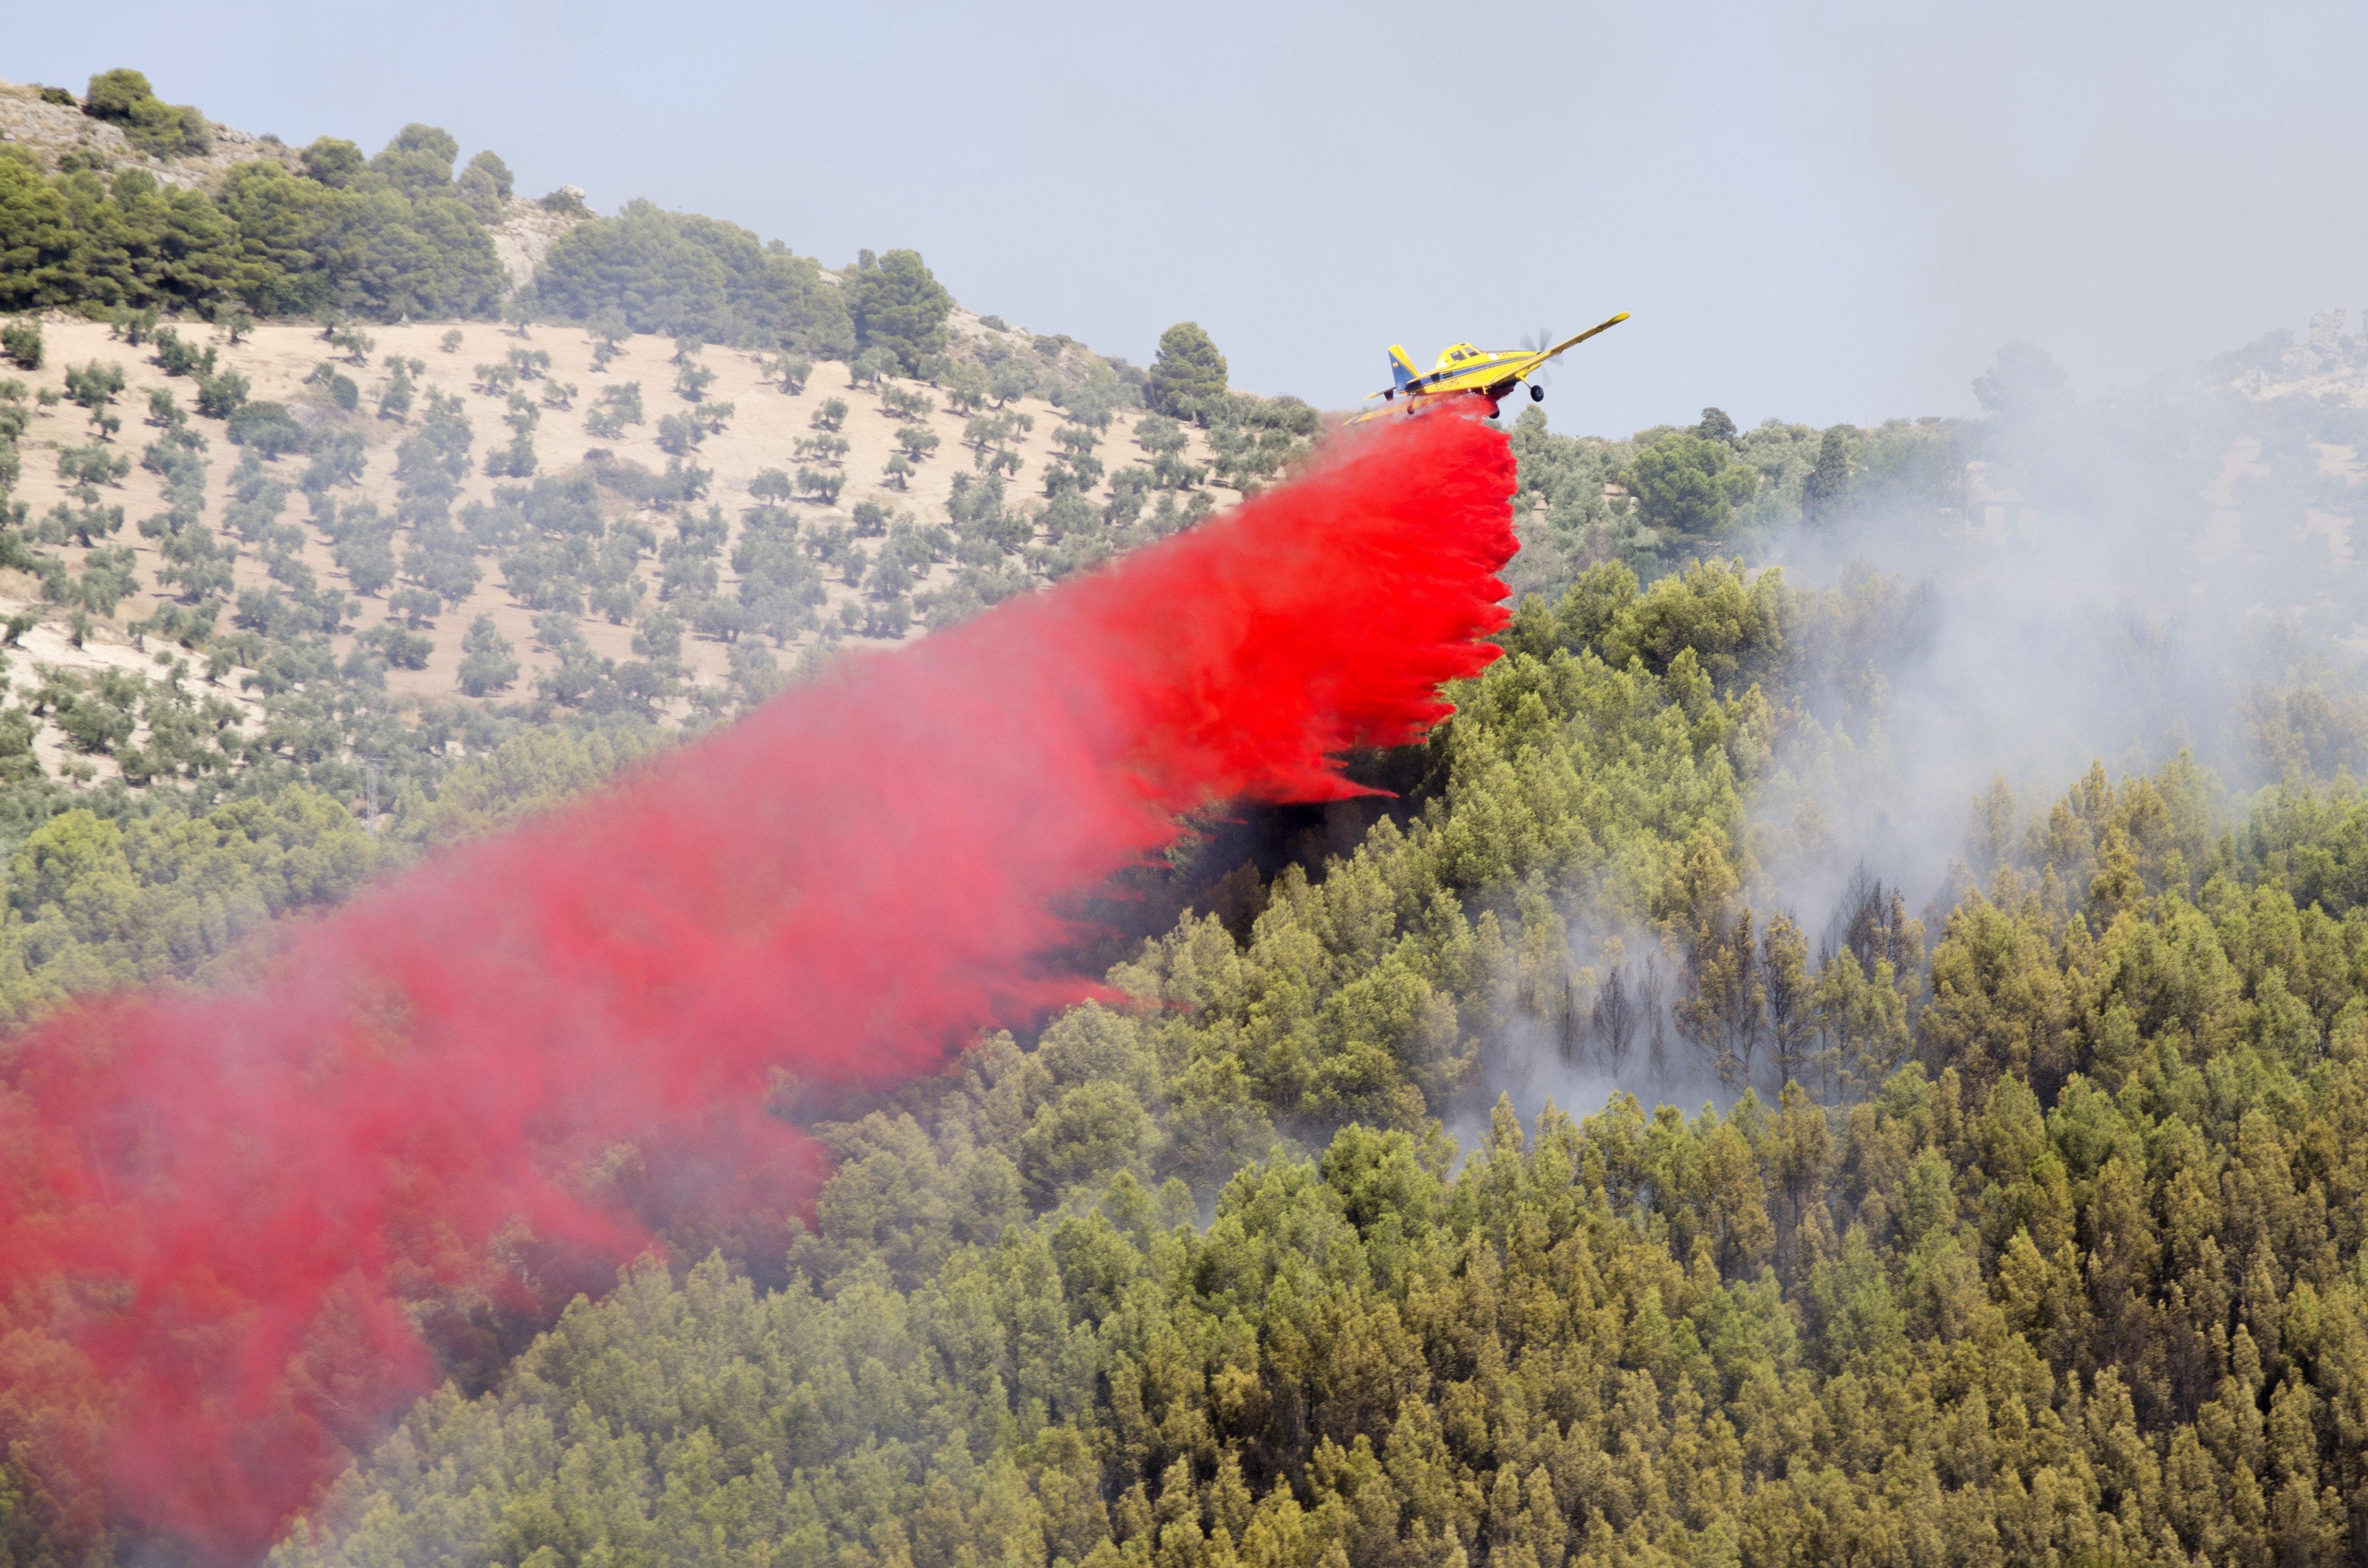 Imatge de l'incendi forestal declarat a una zona de pinar de Jaén. /CARLOS CID GAITAN